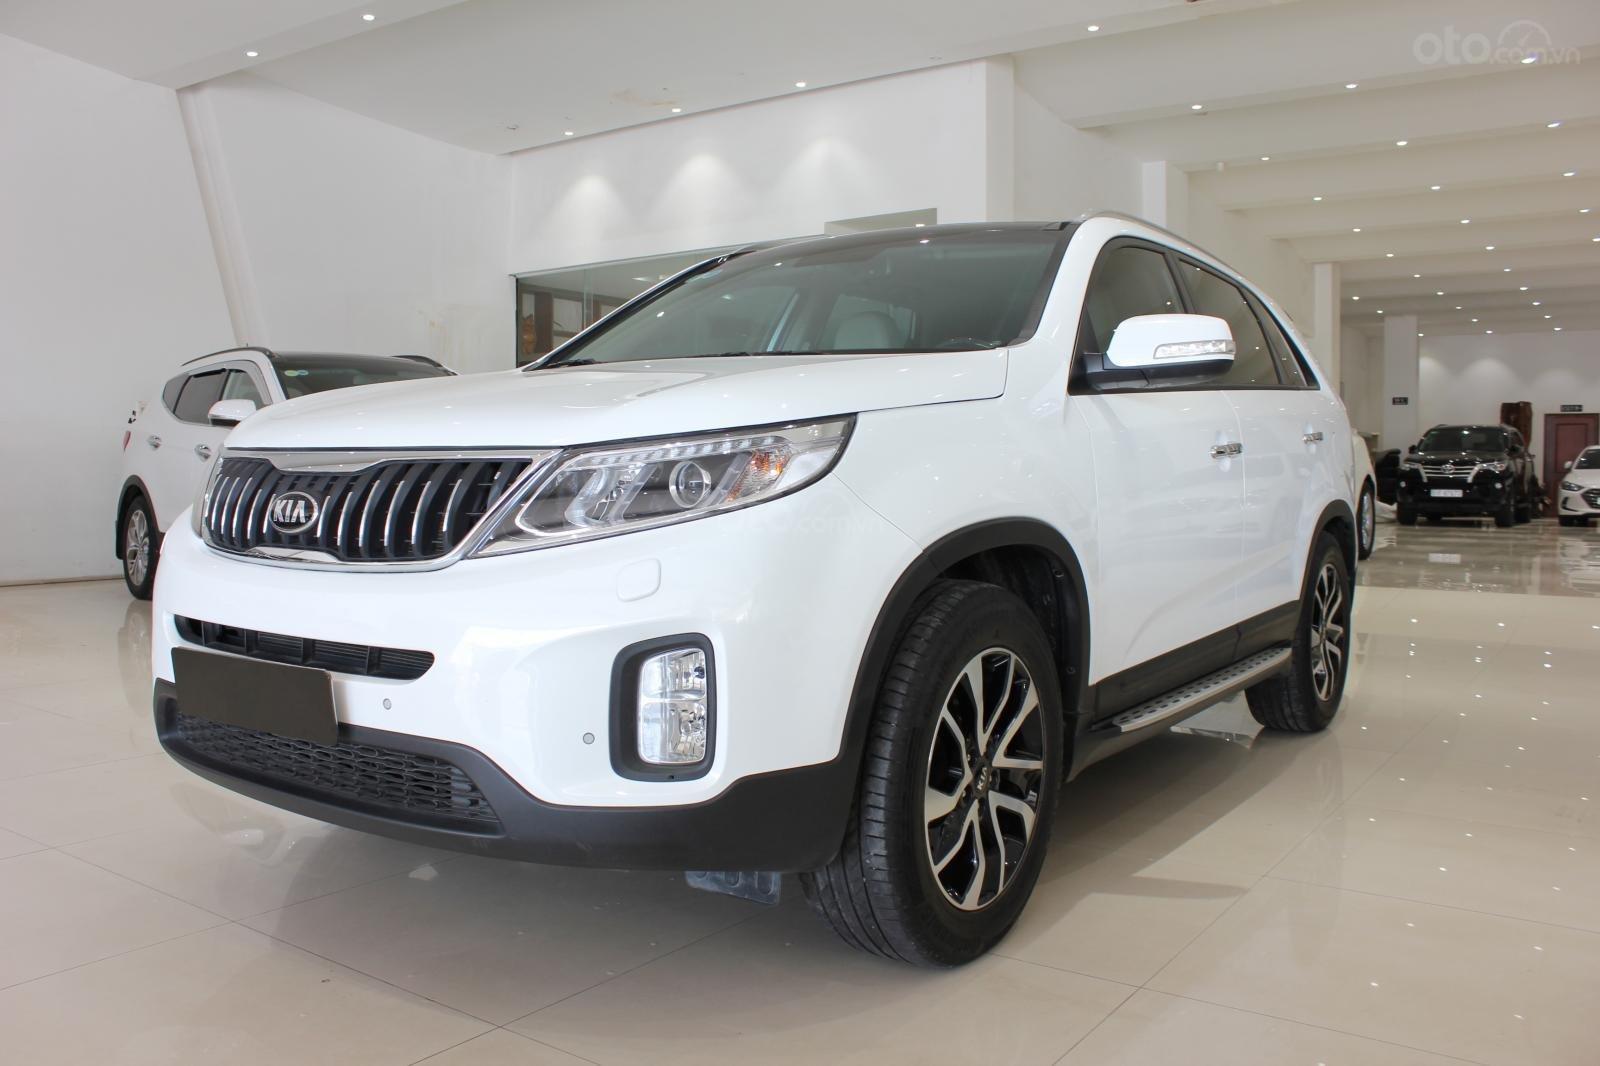 Bán xe Kia Sorento GATH 2.4AT SX 2019, màu trắng, xe đẹp, biển SG 9 nút, giá TL (2)